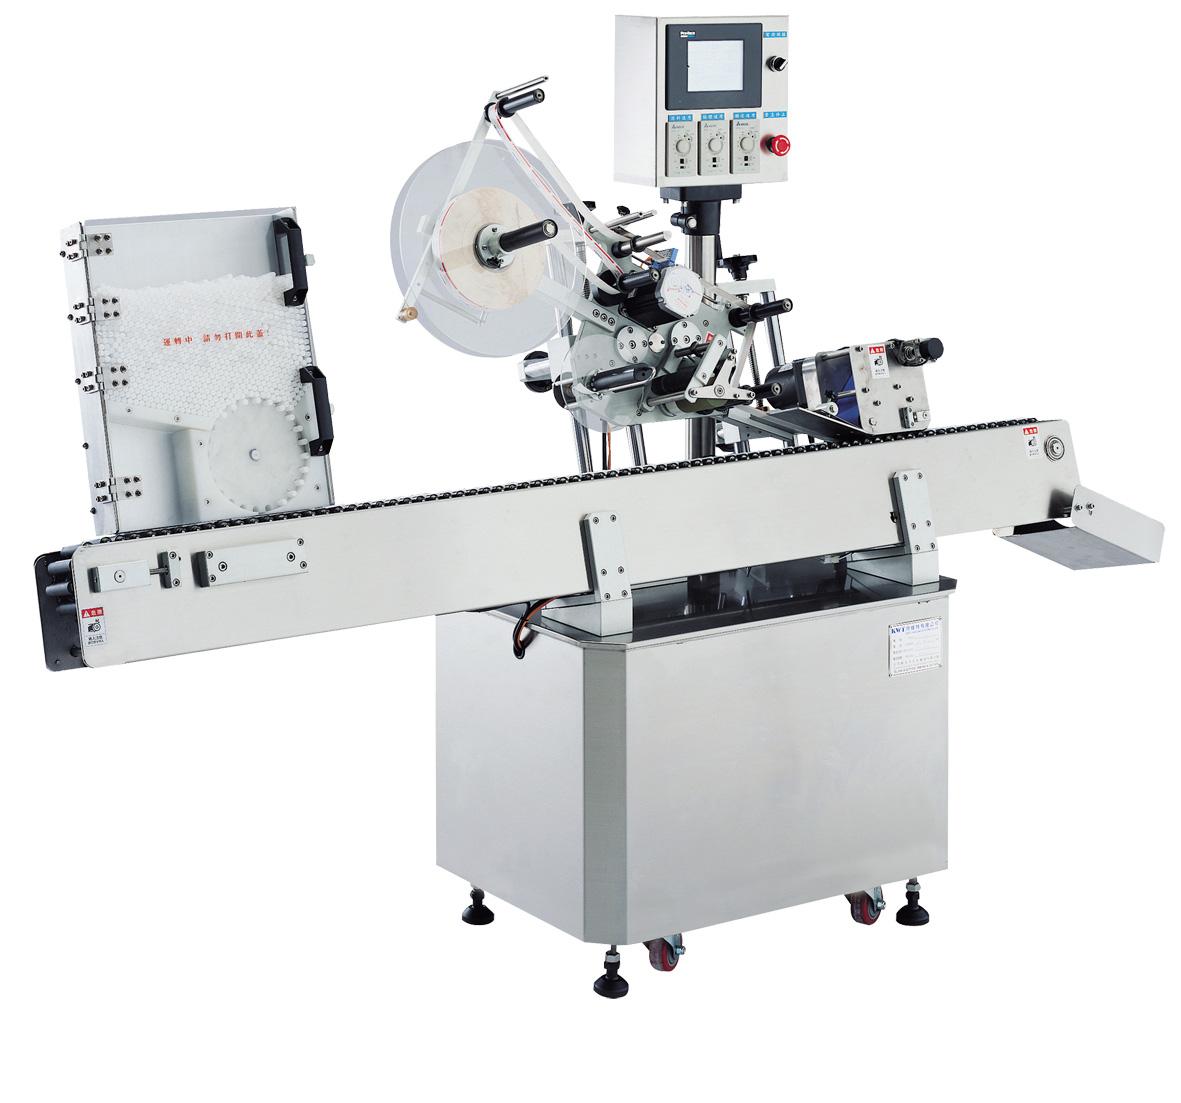 Máy dán nhãn tự động làm cho dây chuyền sản xuất được nhanh hơn